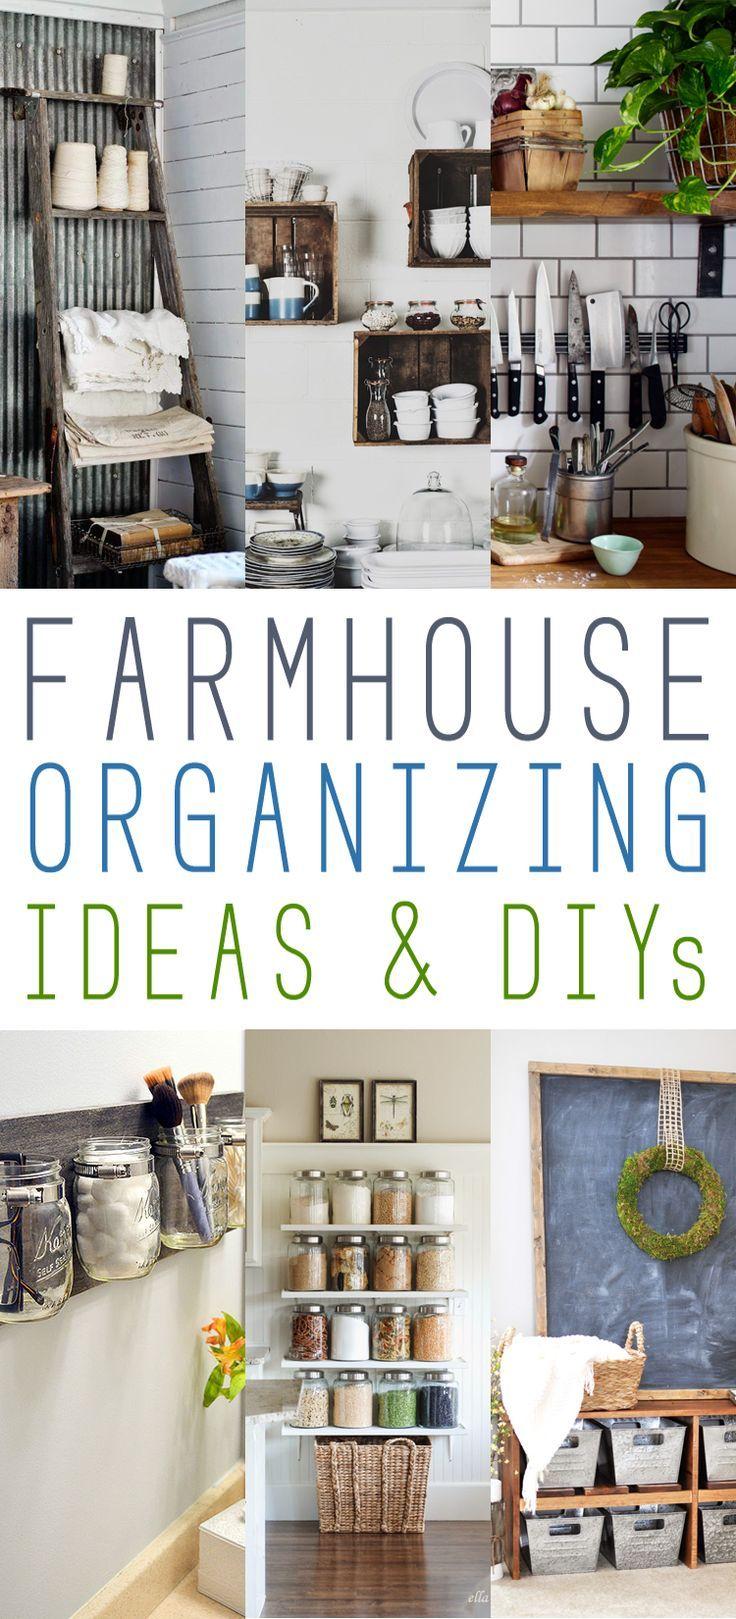 Farmhouse Decor Clean Crisp Organized Farmhouse: 1000+ Images About Decorating Ideas On Pinterest